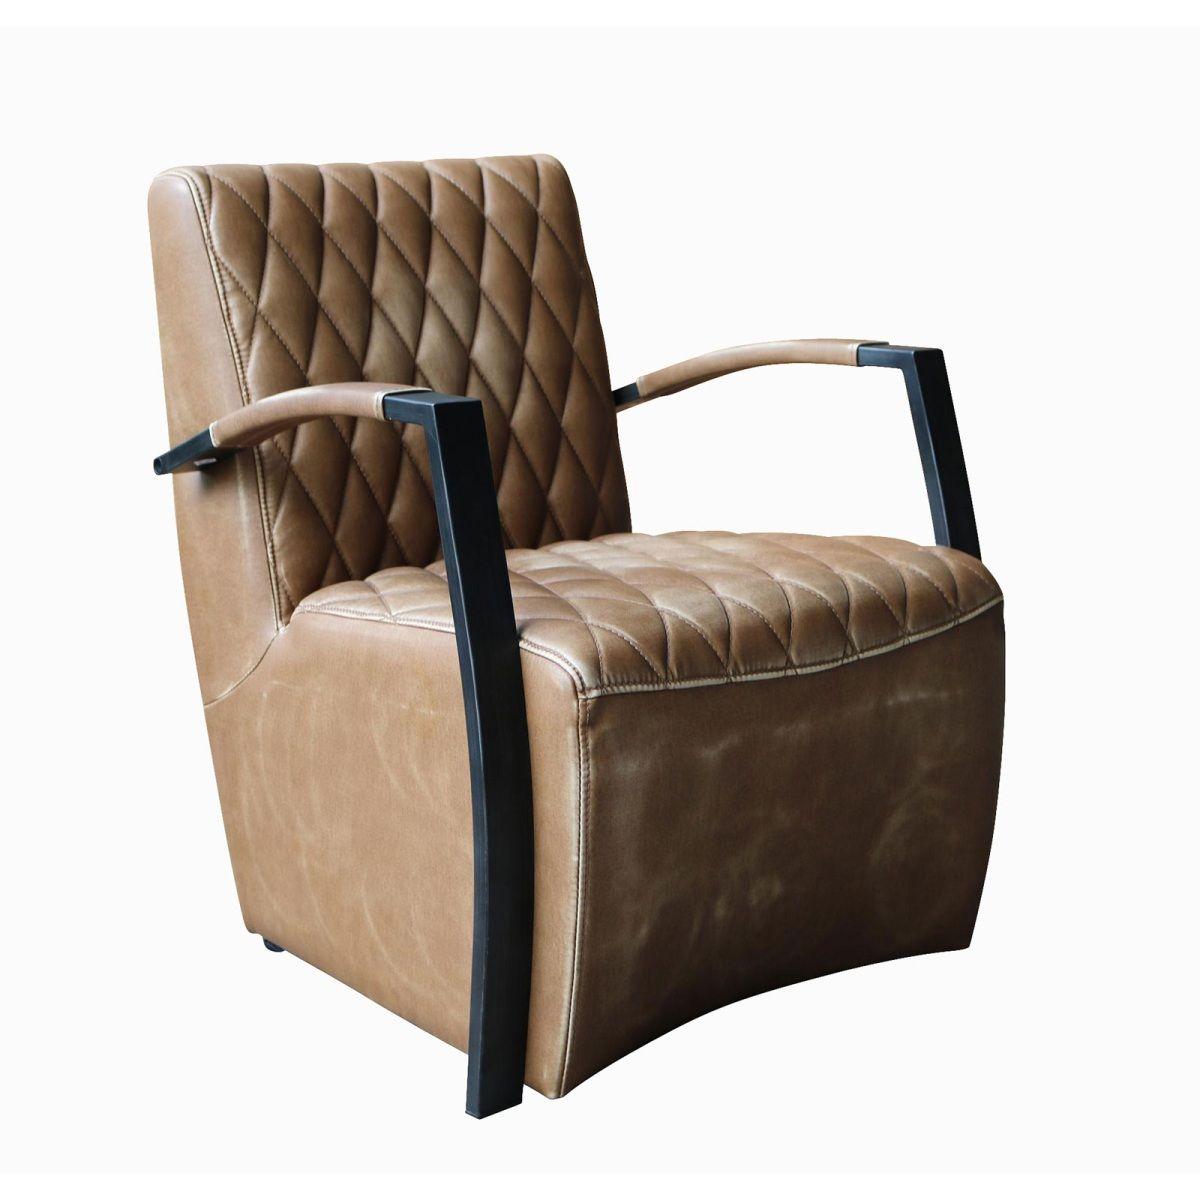 Wunderbar Phill Hill Sessel BRYAN Kunstleder Wischoptik Braun/Schwarz #wohnen # Wohnzimmer #Wohnzimmerideen